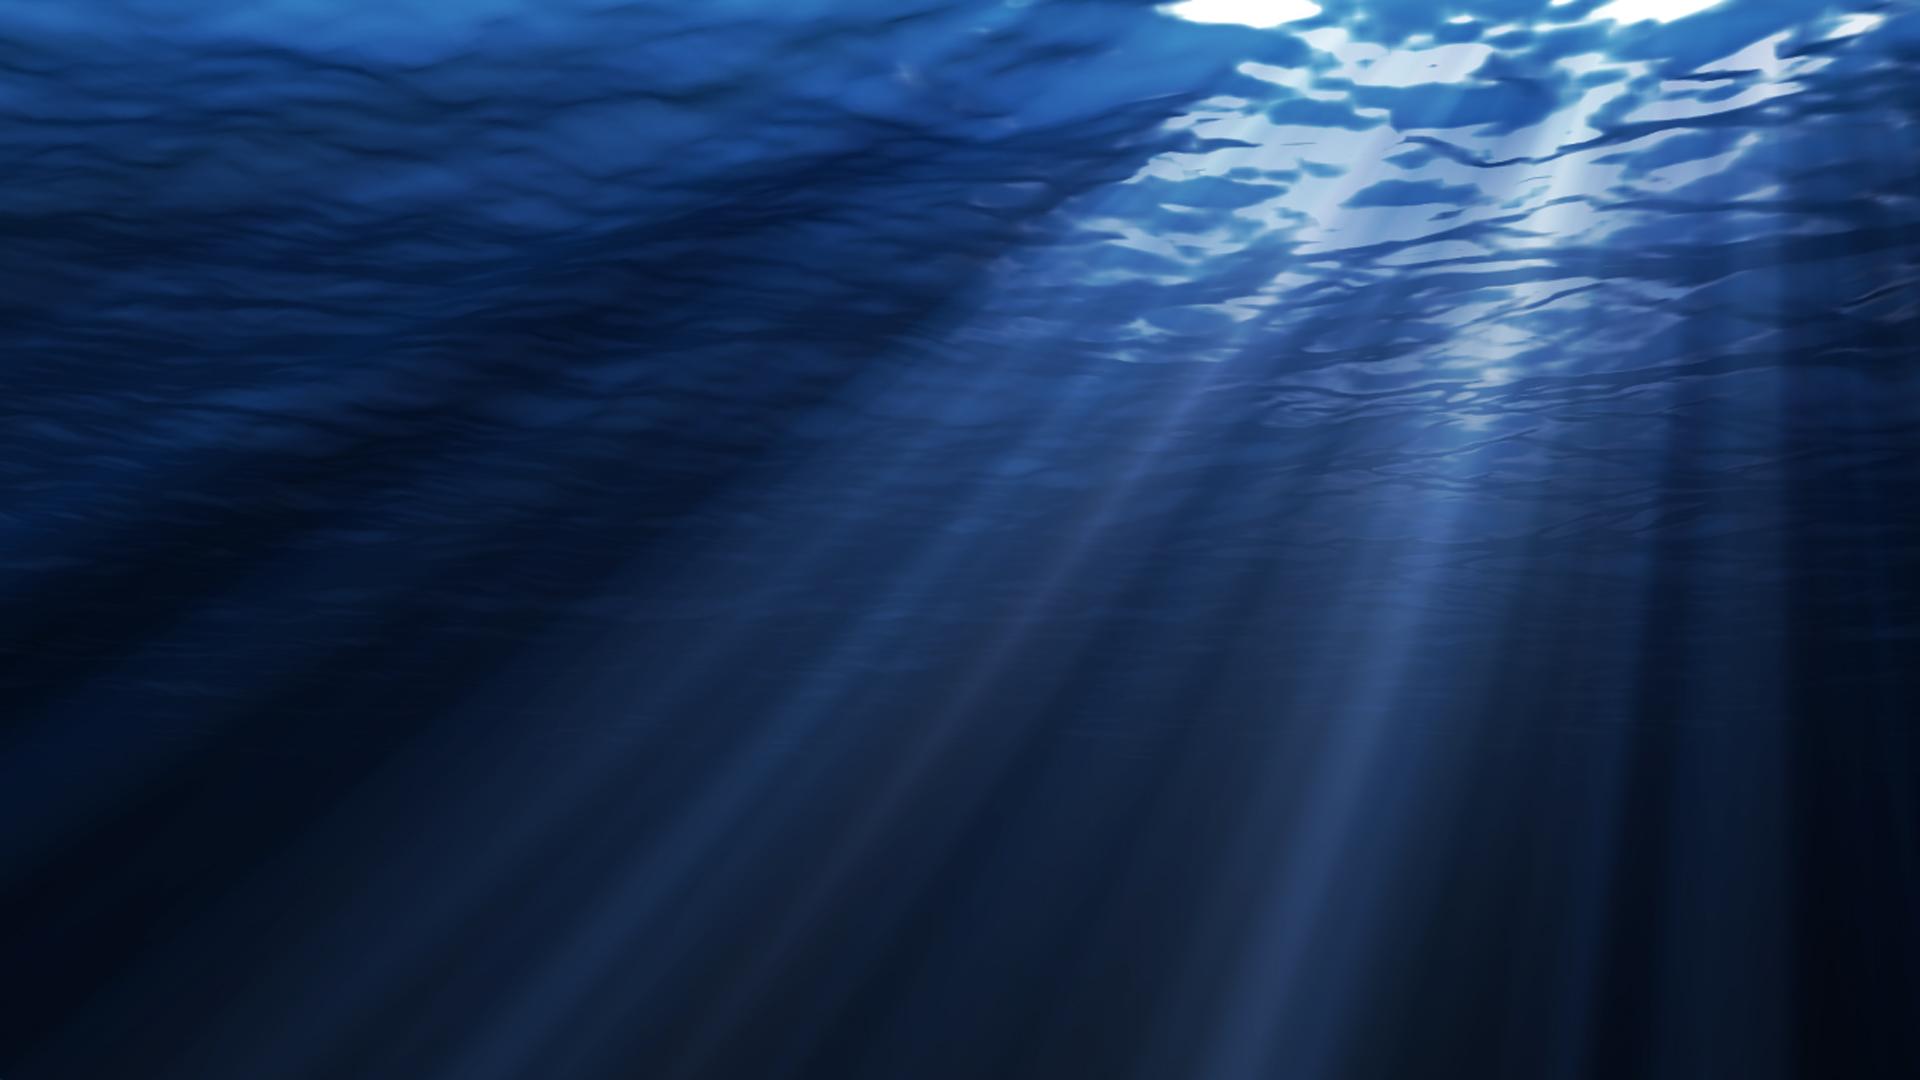 screensavers logonstudio explore underwater 1920x1080